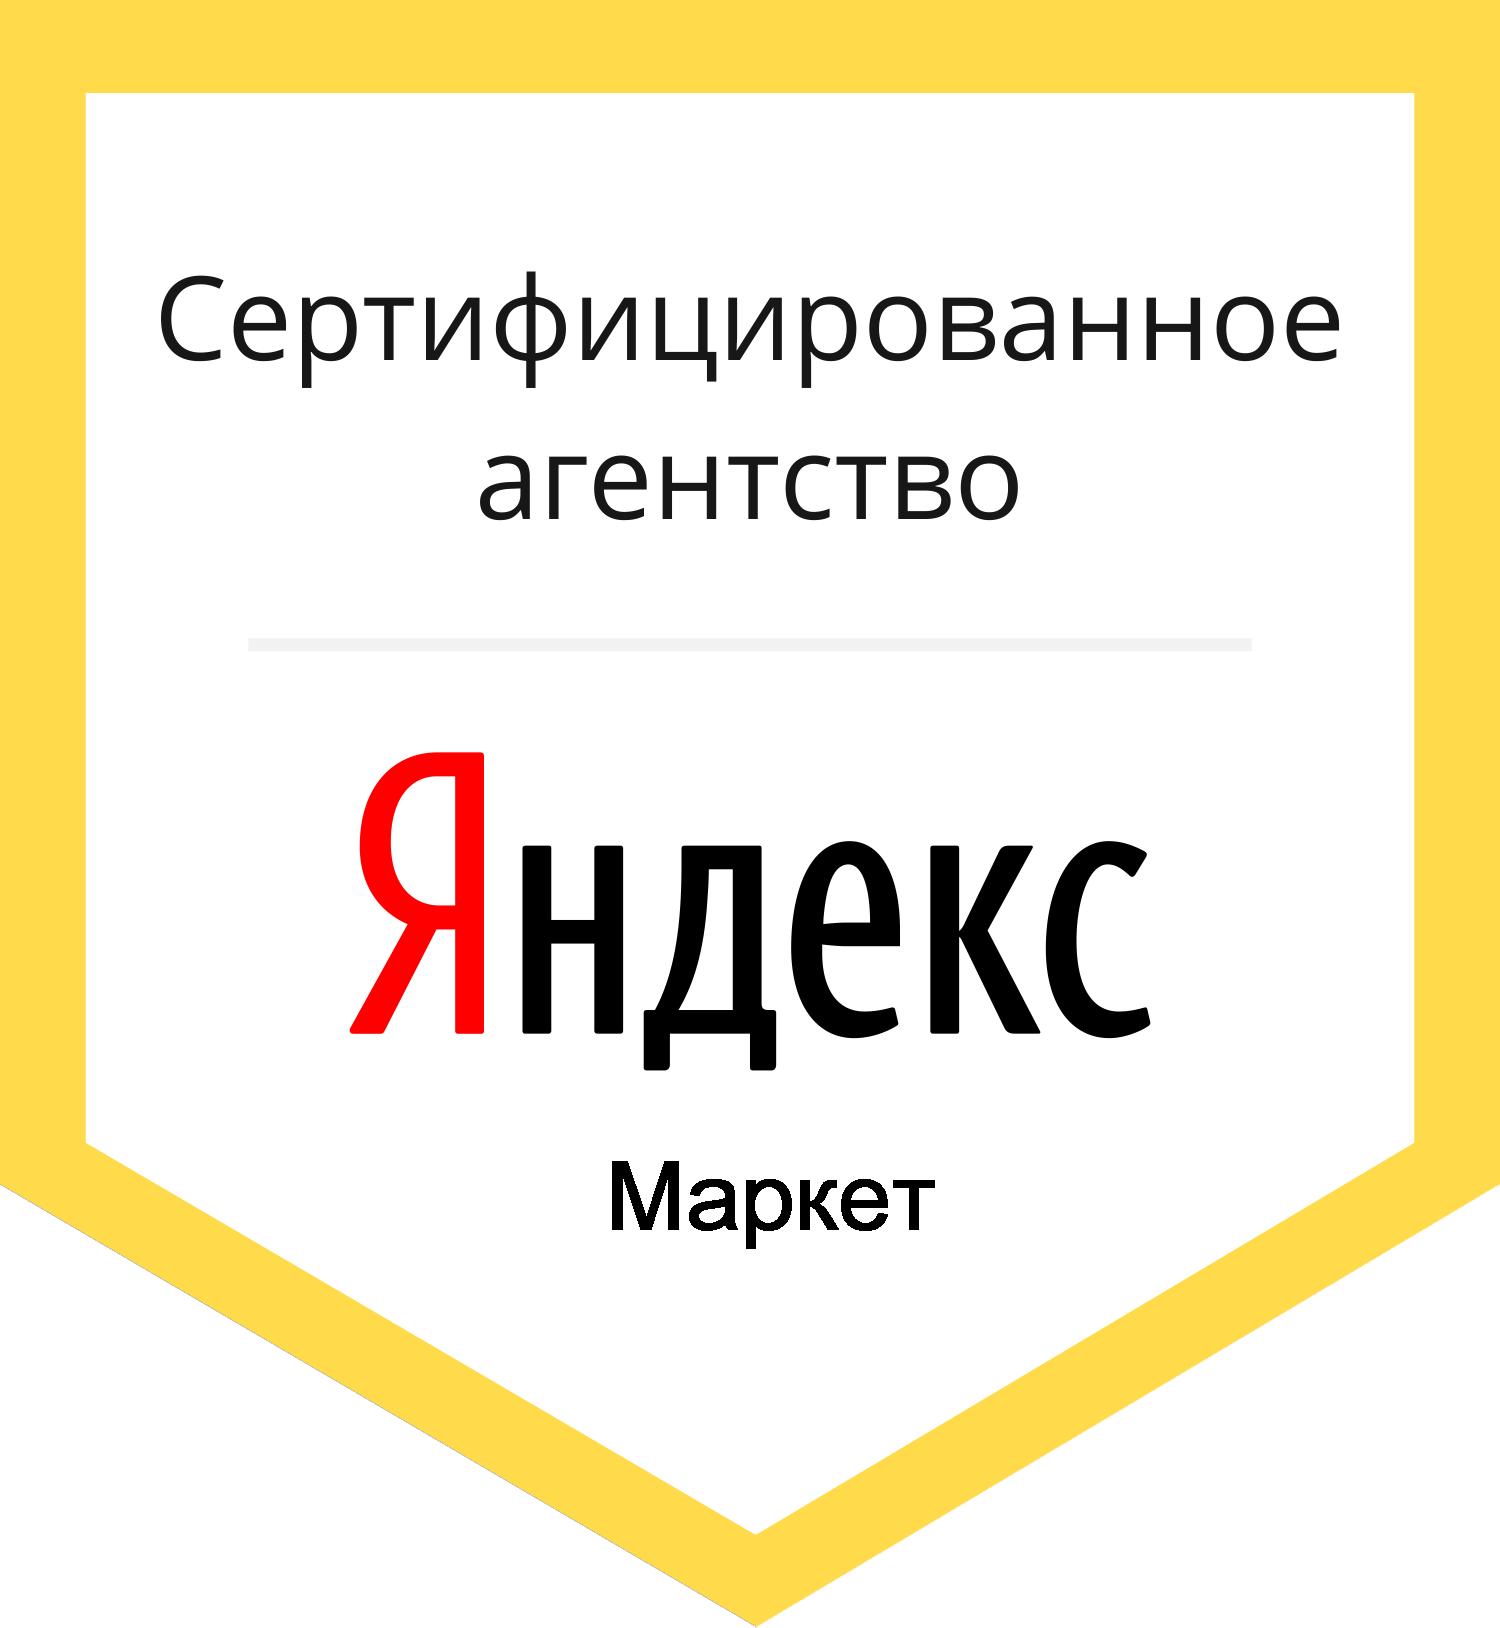 Сертифицированное агентство Яндекс.Маркет